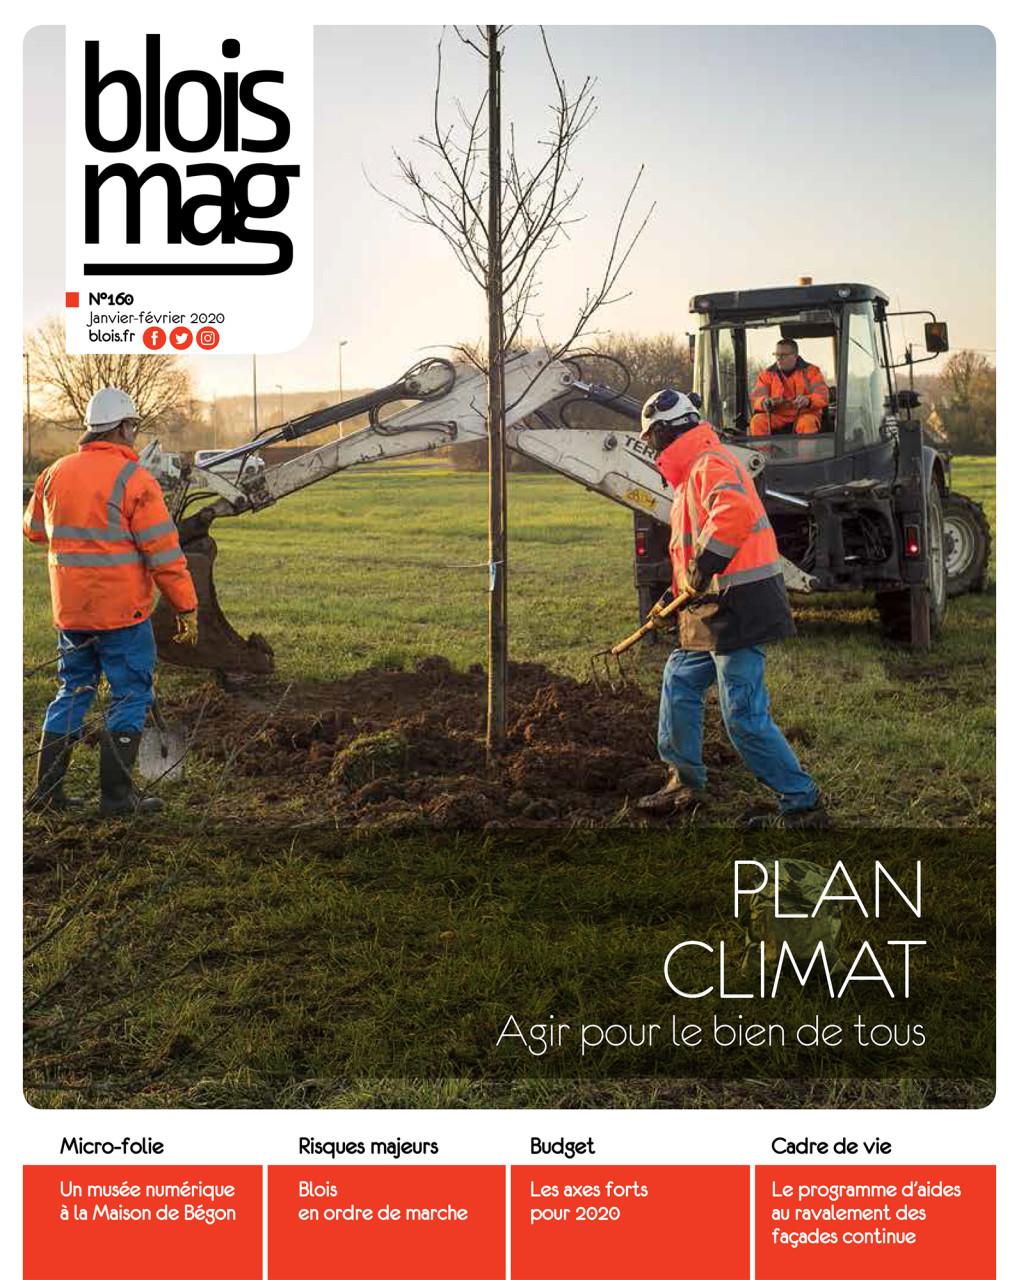 Parution en Une dans Blois Mag de janvier 2020 : Photo © Nicolas Wietrich